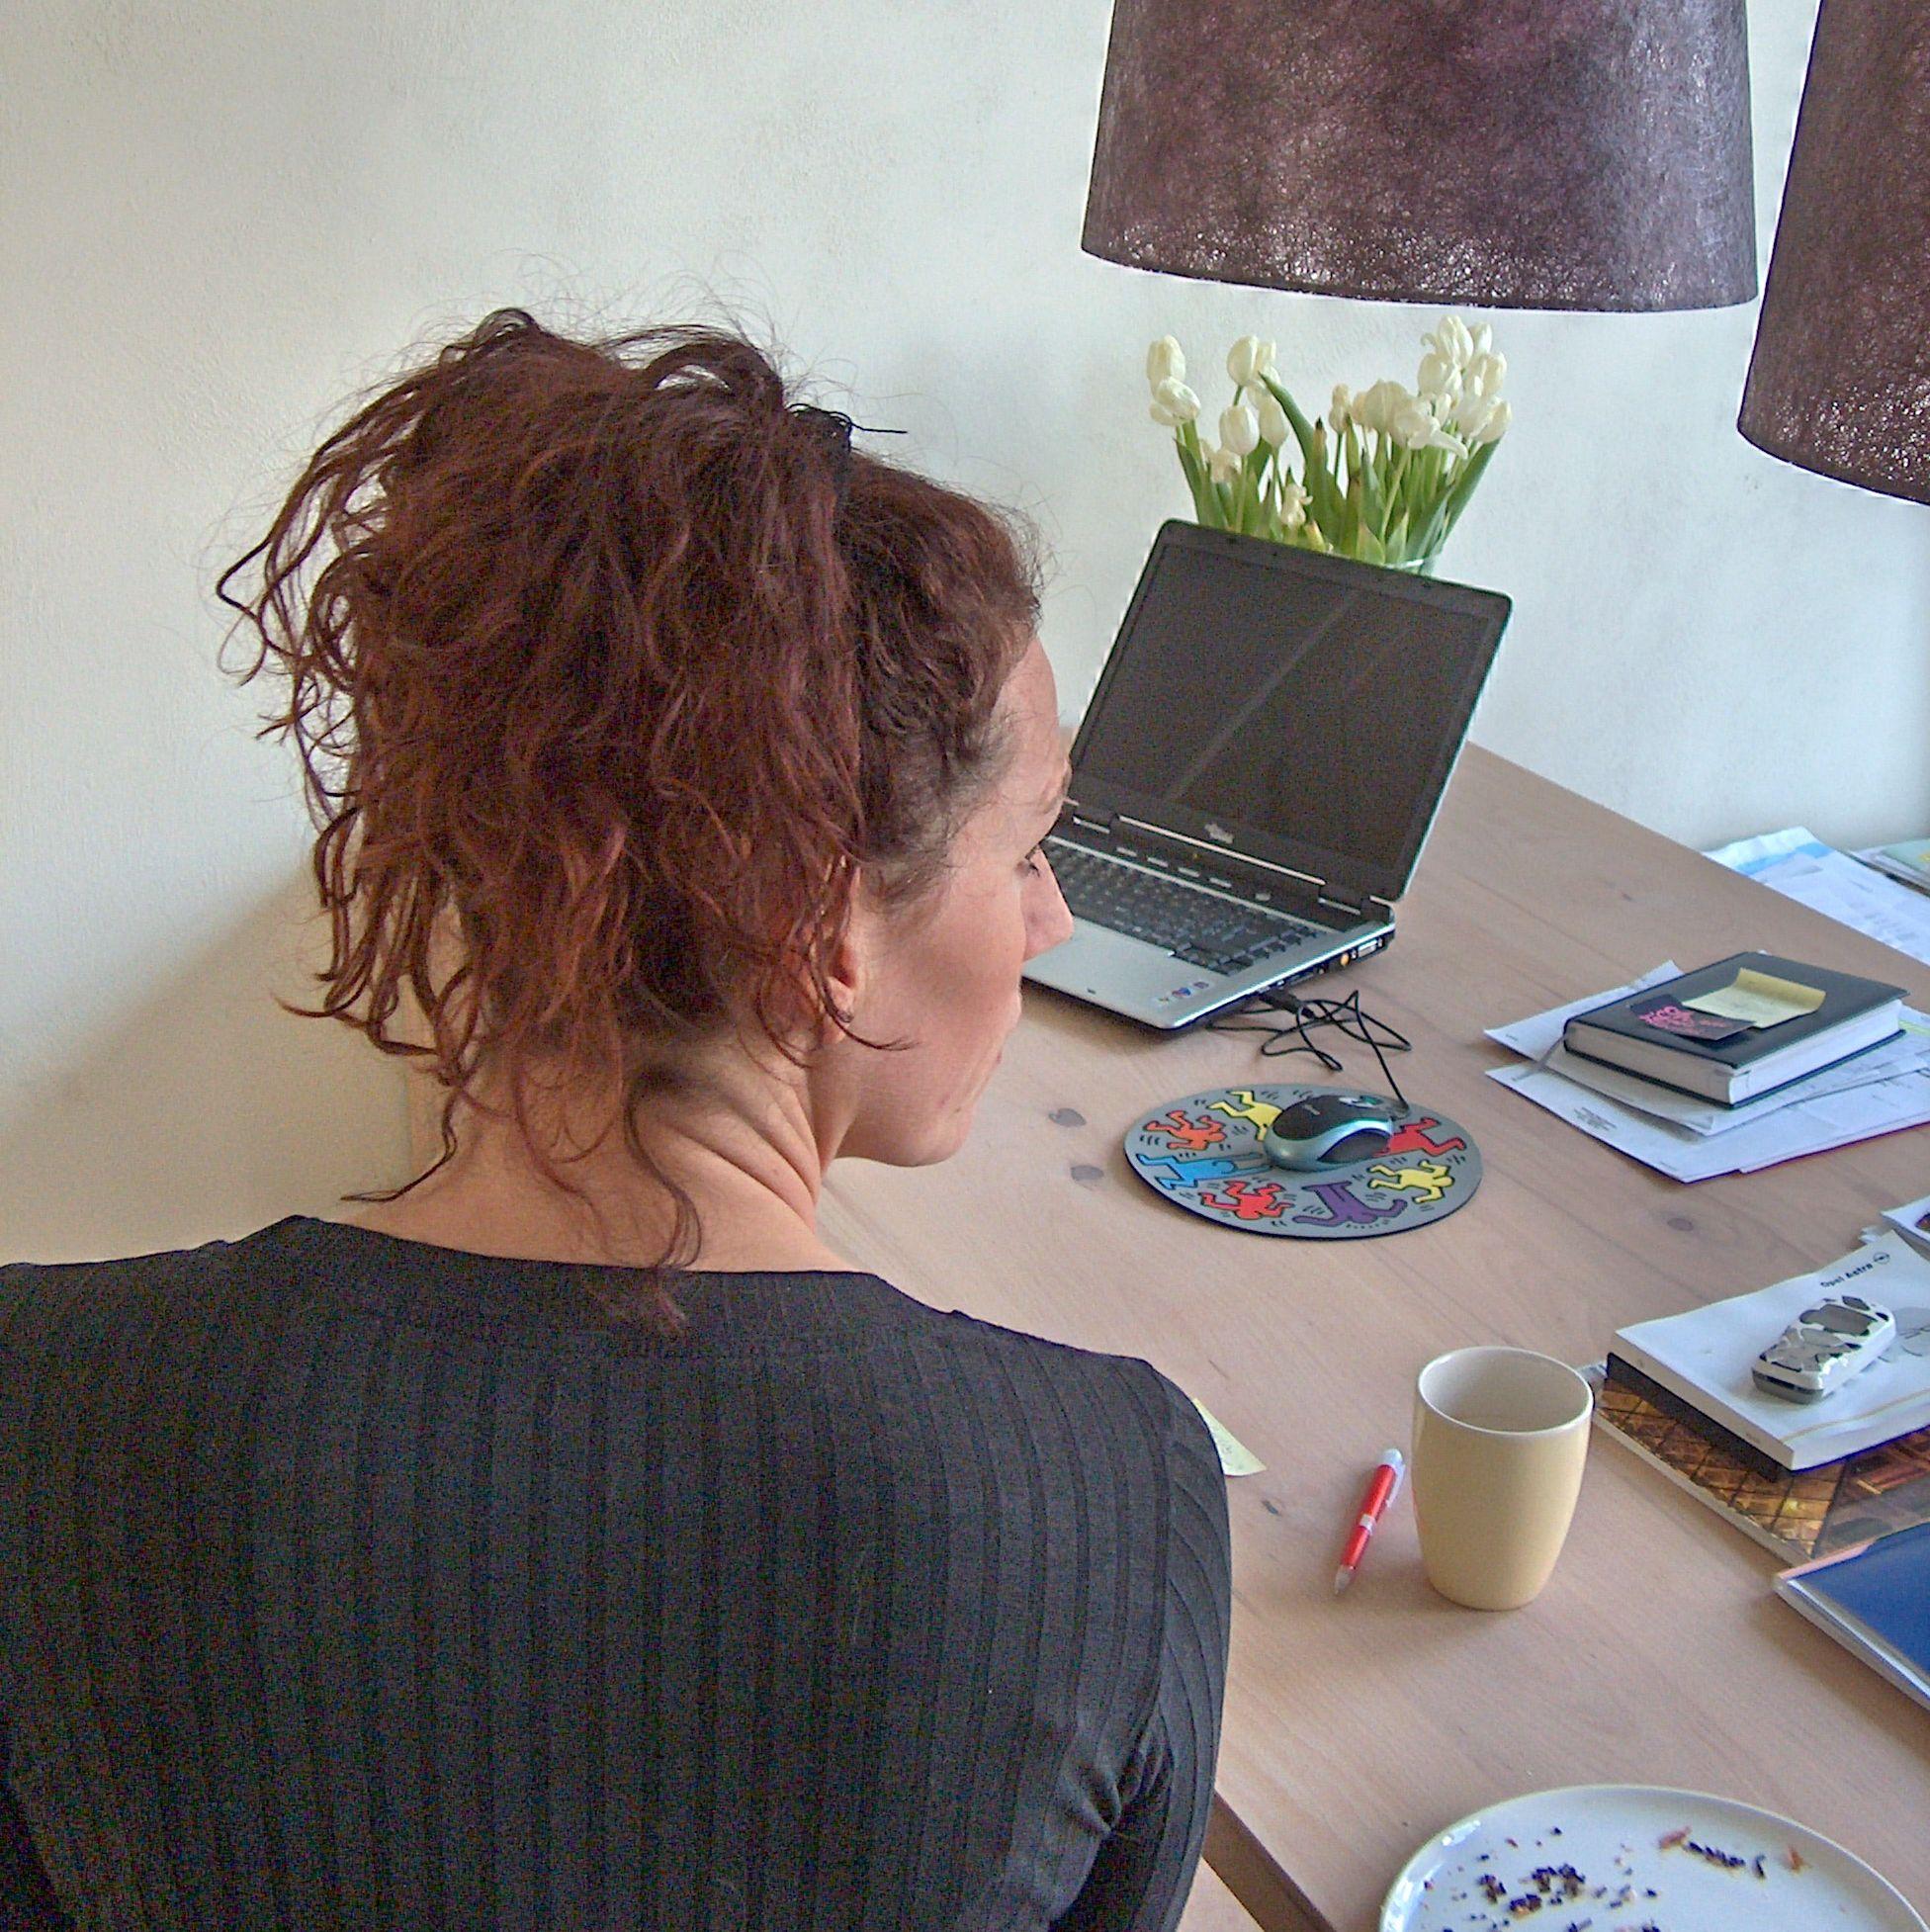 Жените наблягат на кариерата, когато не се чувстват секси